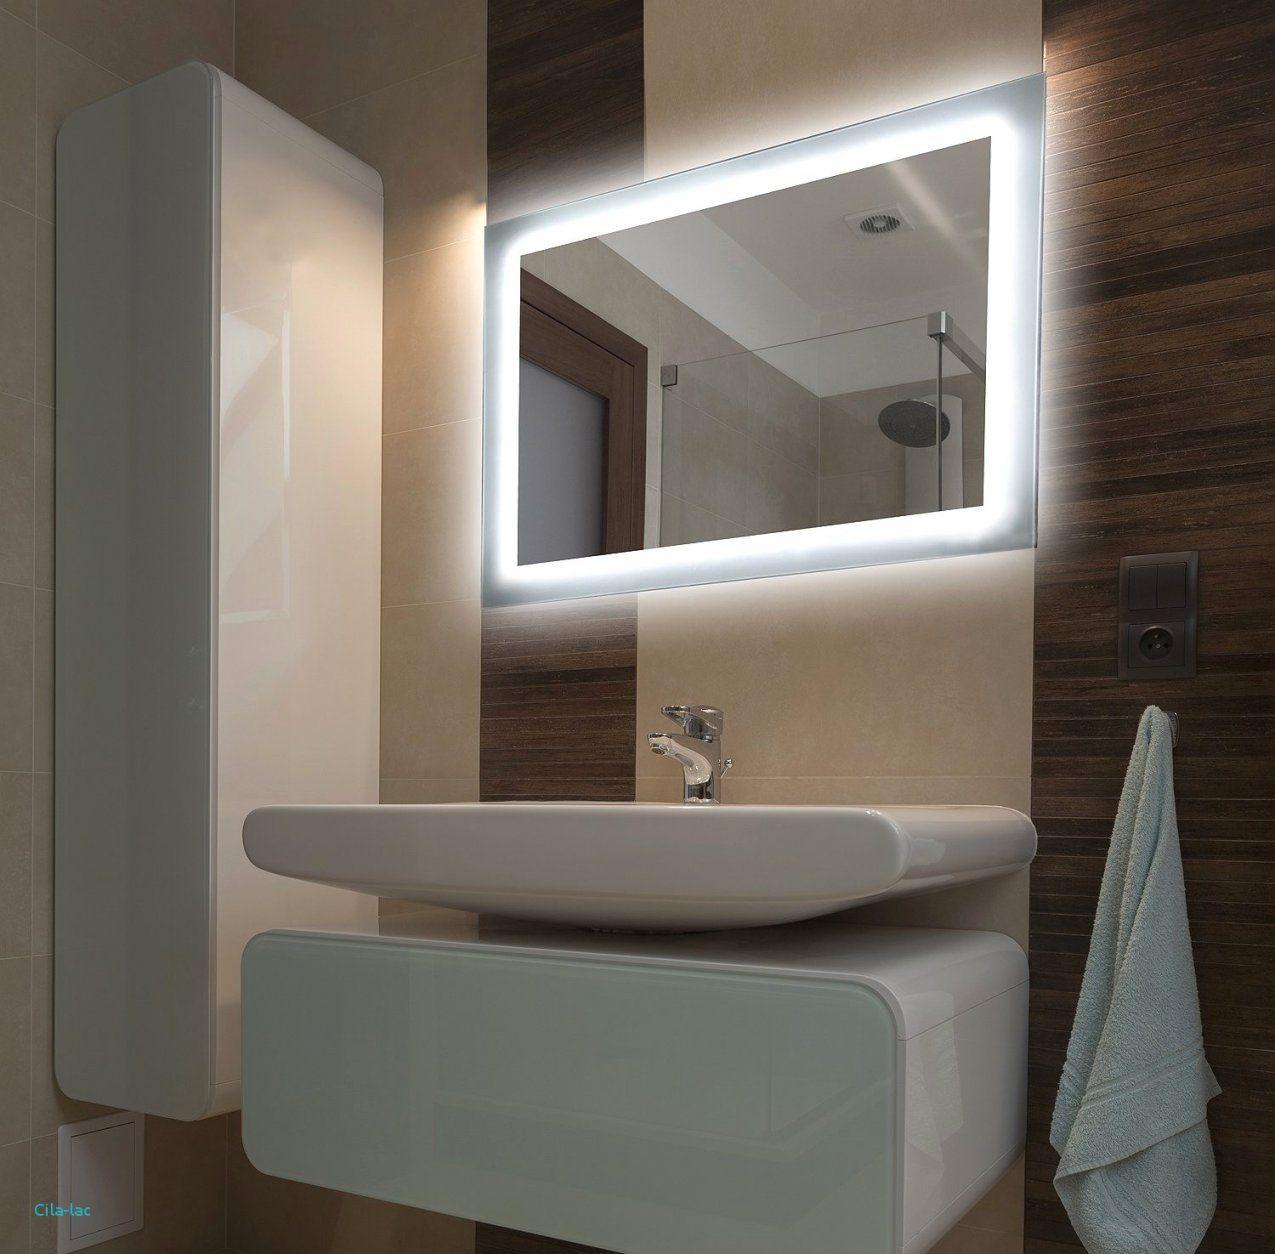 Schöne Beleuchteter Spiegel Mit Steckdose  Badezimmer von Led Spiegel Mit Steckdose Photo